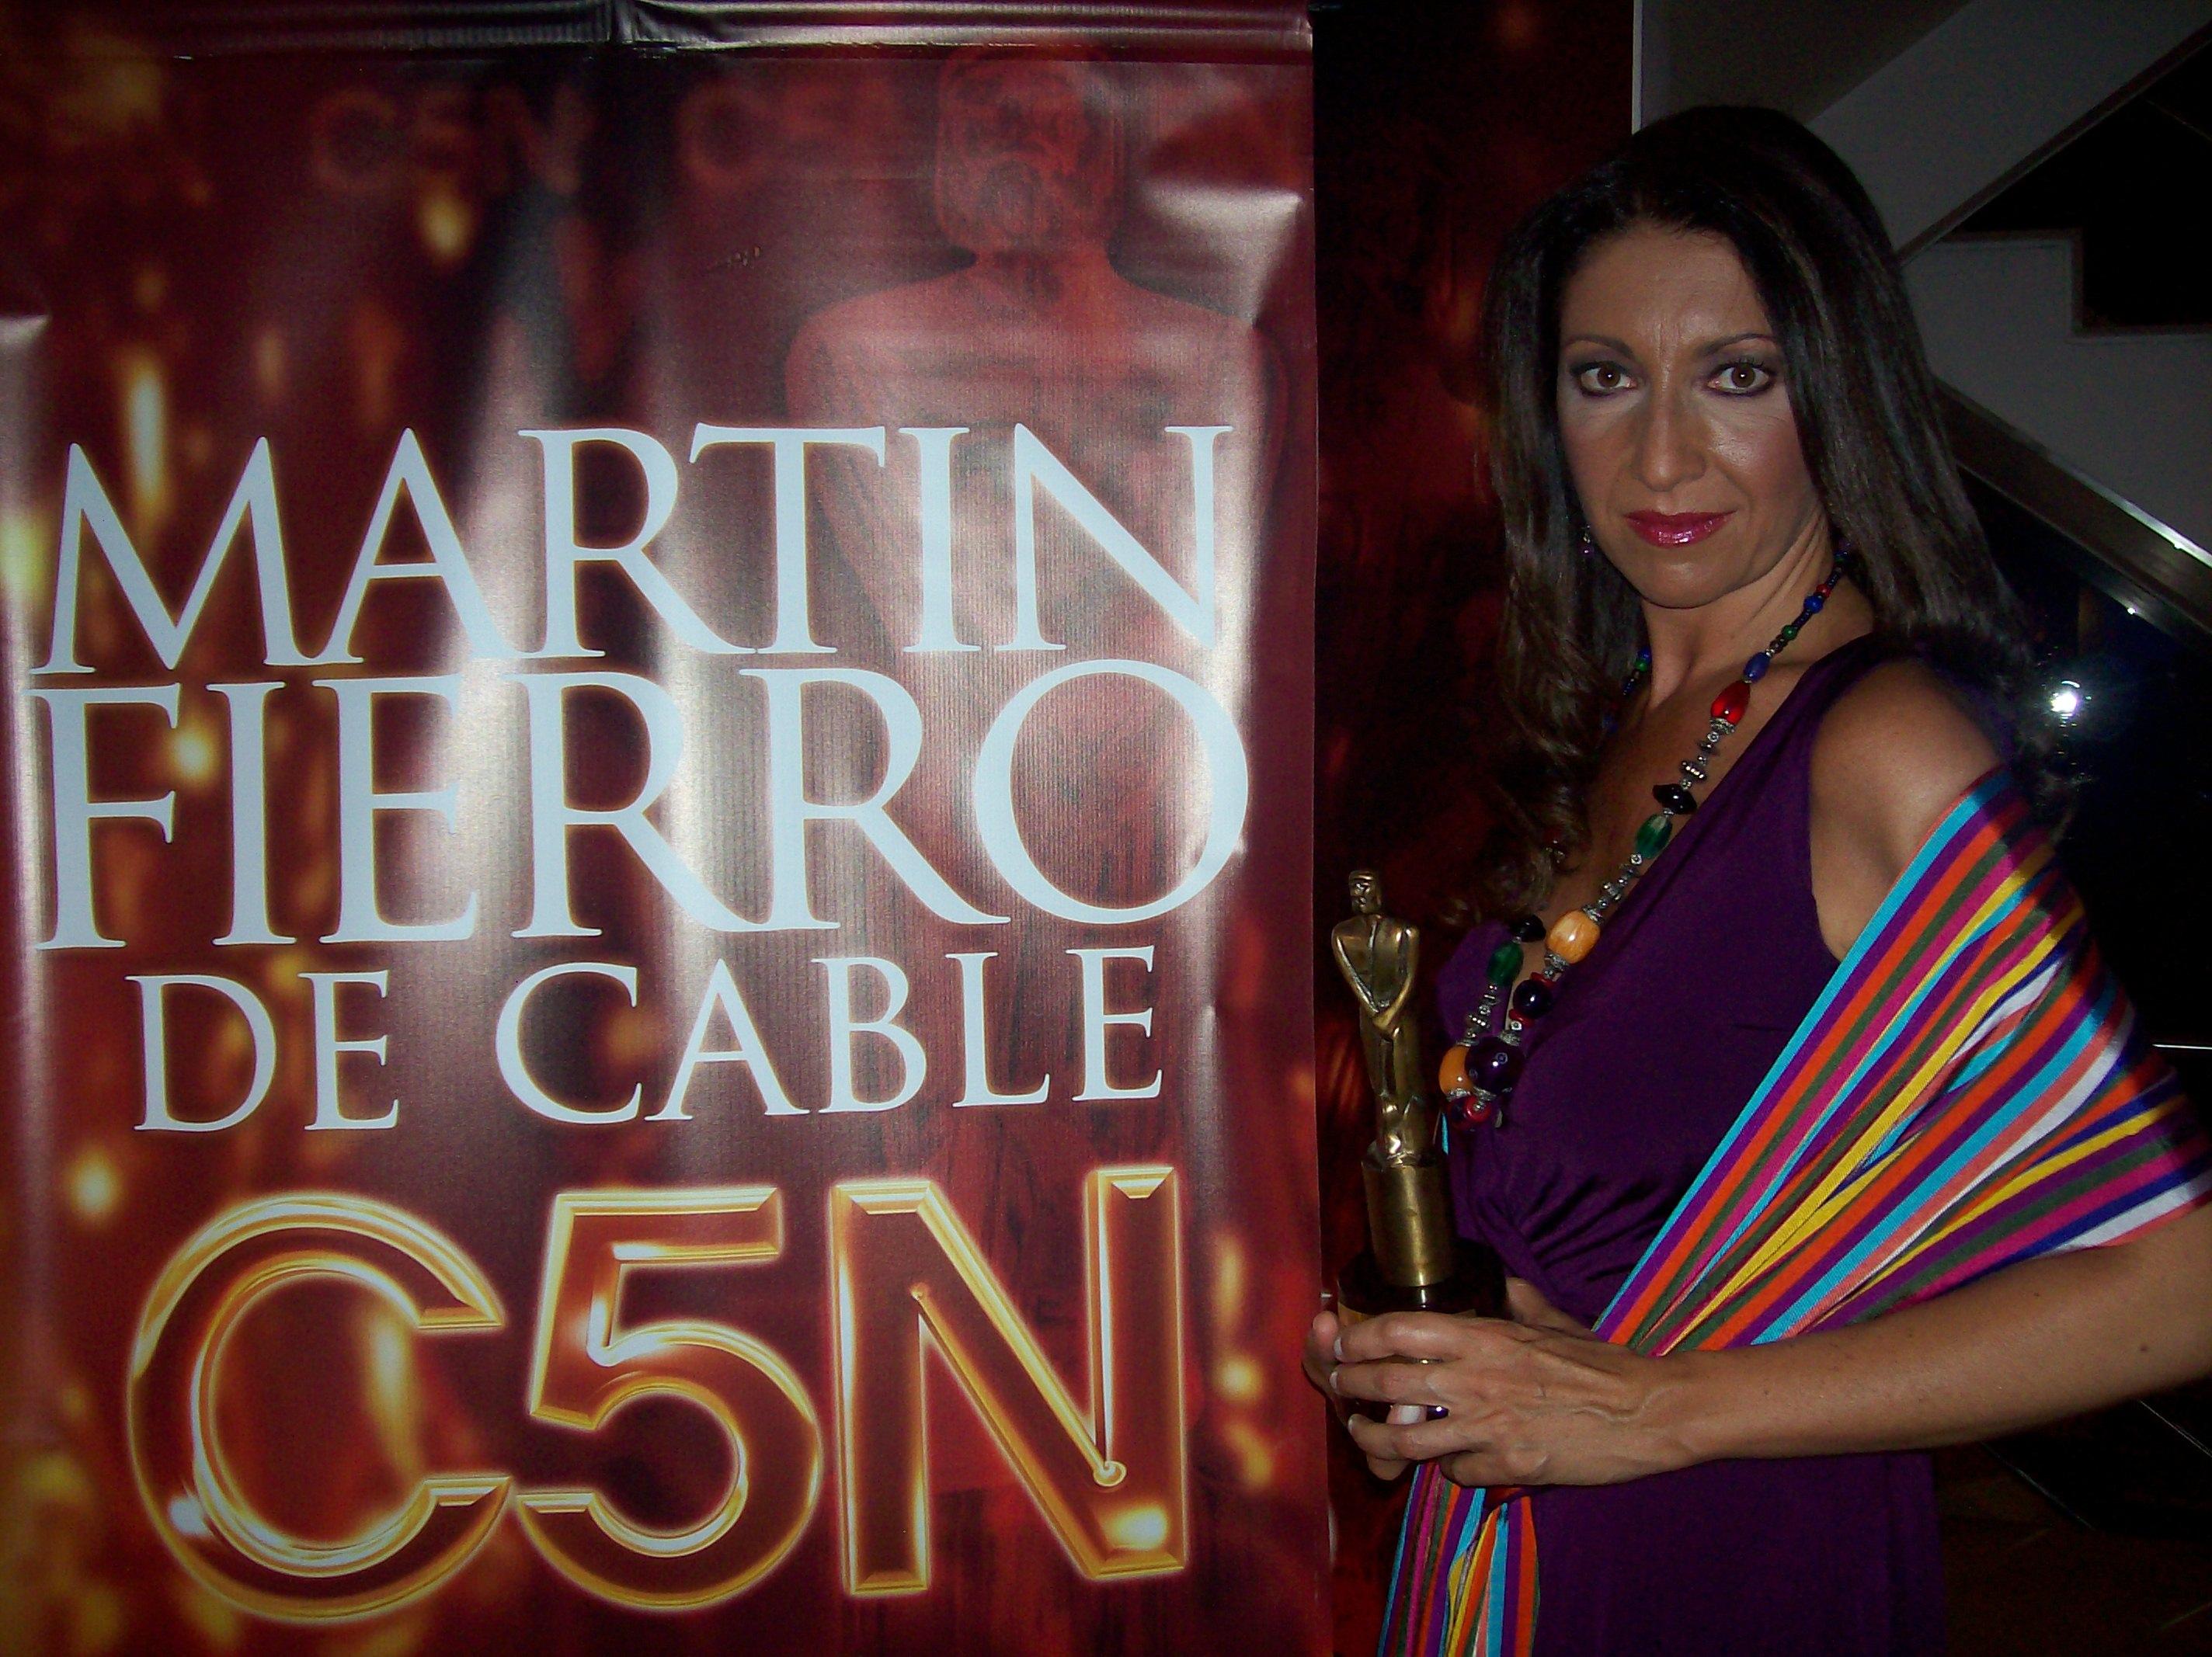 Premio Martin Fierro